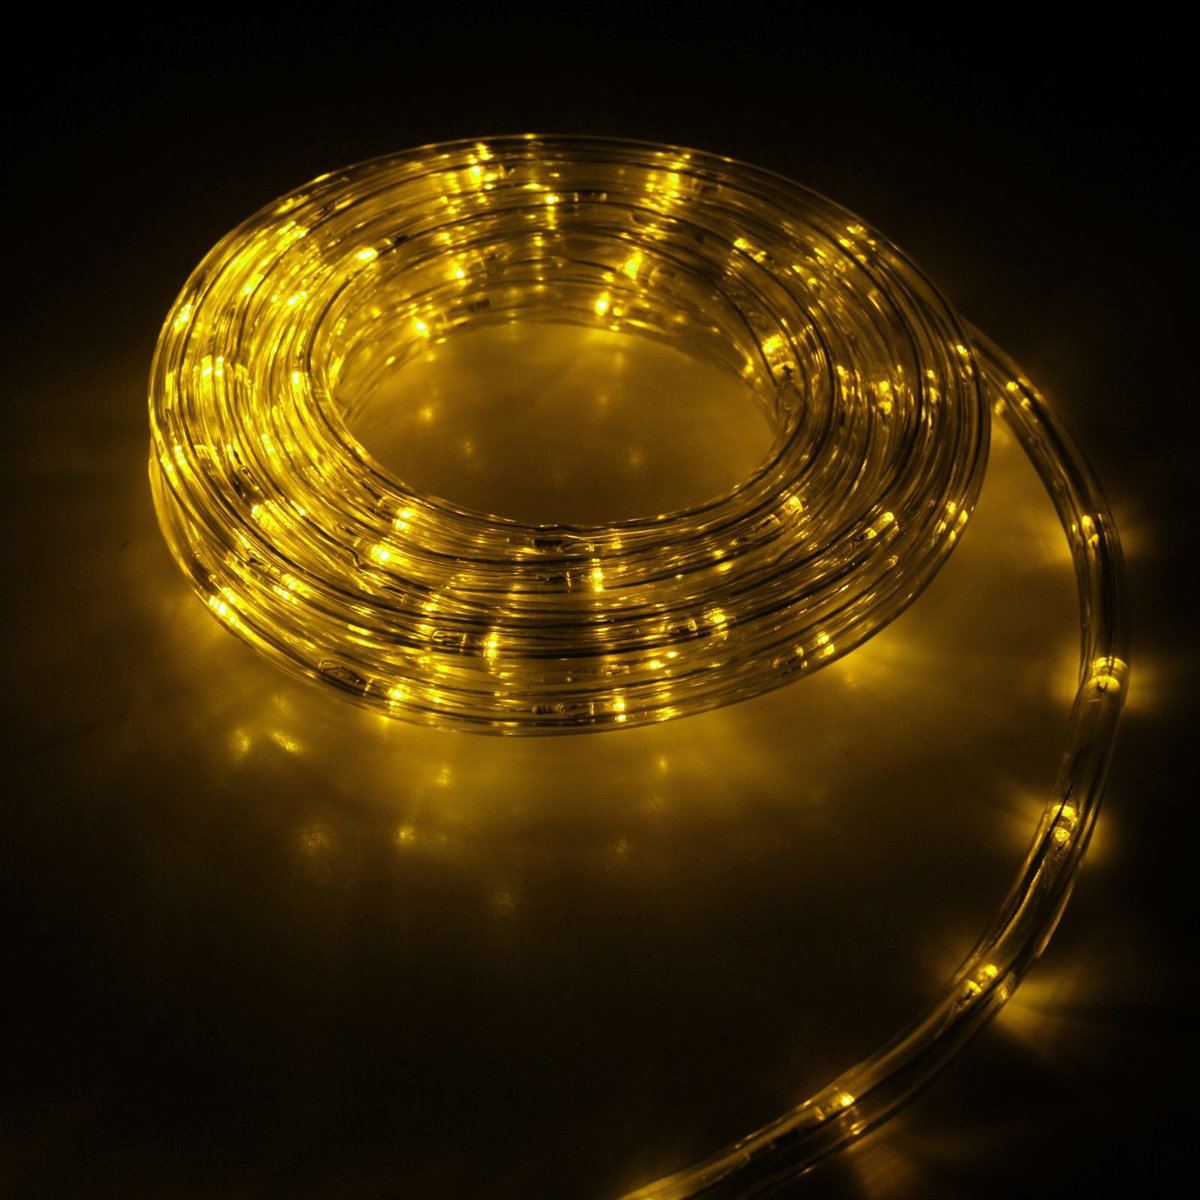 Гирлянда светодиодная Luazon, 240 ламп, 8 режимов, 220 V, цвет: желтый, 1 см х 10 м. 15898301589830Светодиодные гирлянды, ленты и т.д — это отличный вариант для новогоднего оформления интерьера или фасада. С их помощью помещение любого размера можно превратить в праздничный зал, а внешние элементы зданий, украшенные ими, мгновенно станут напоминать очертания сказочного дворца. Такие украшения создают ауру предвкушения чуда. Деревья, фасады, витрины, окна и арки будто специально созданы, чтобы вы украсили их светящимися нитями.